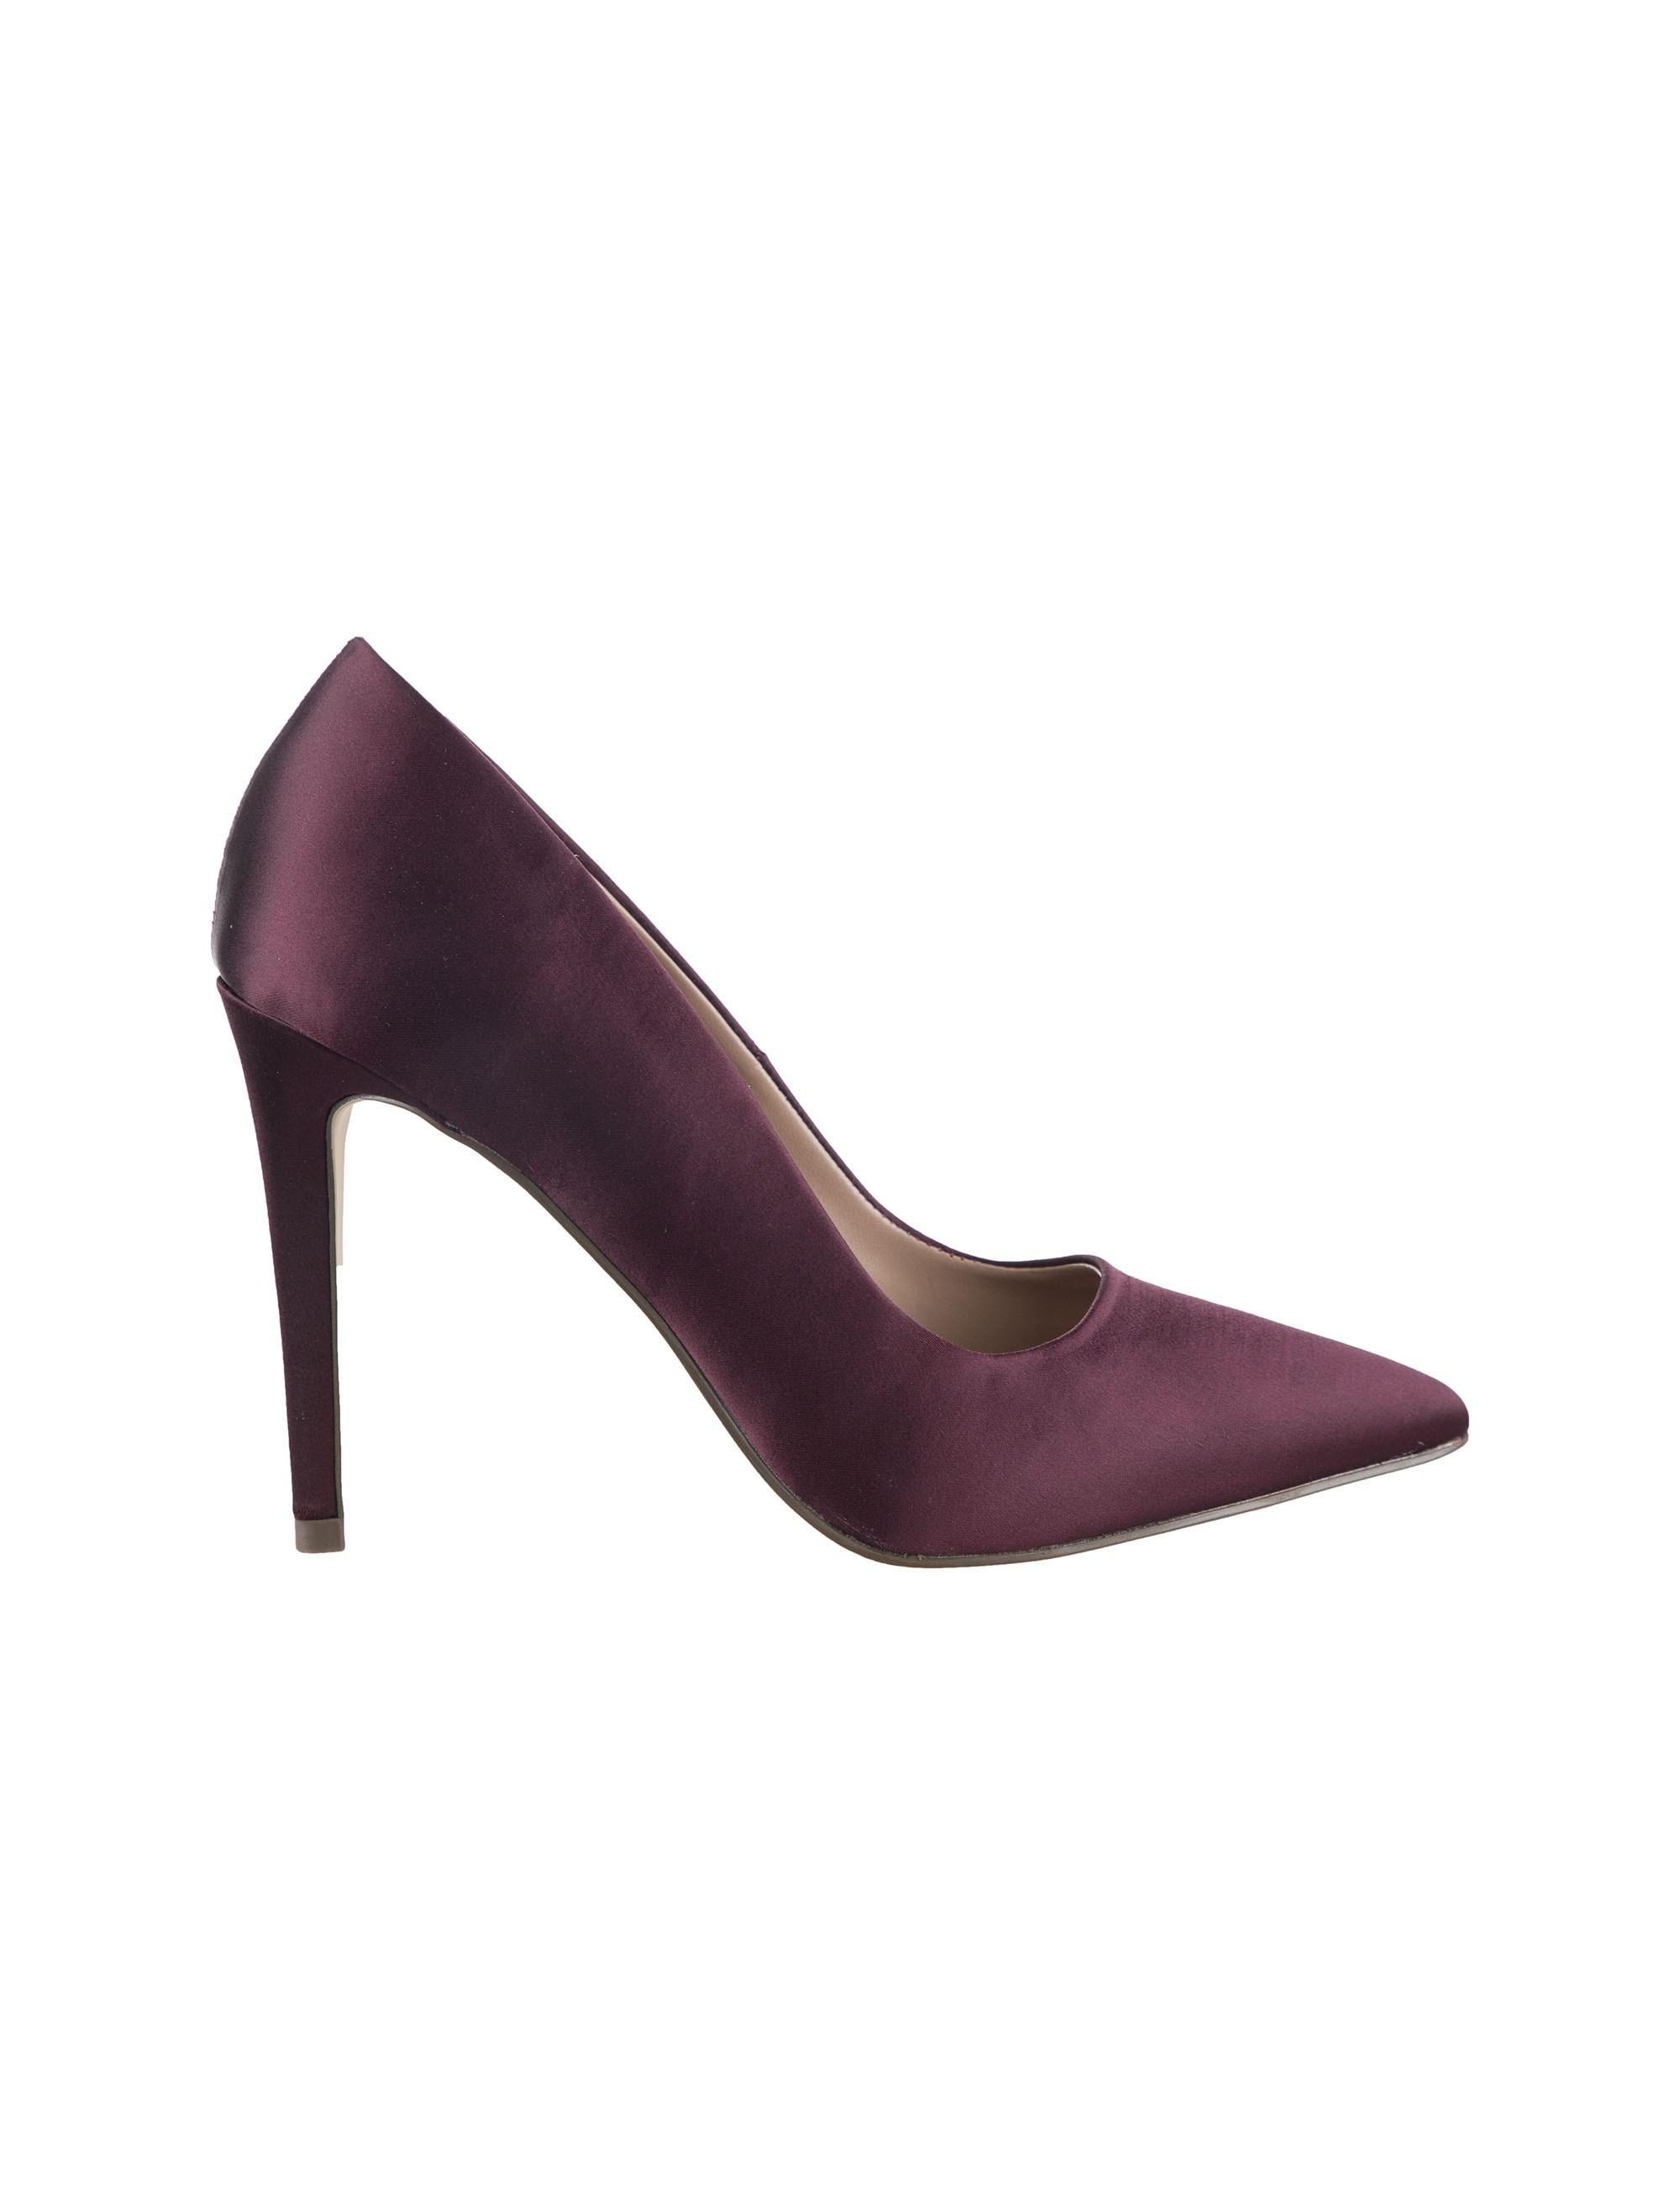 کفش پاشنه بلند زنانه - زرشکي - 3